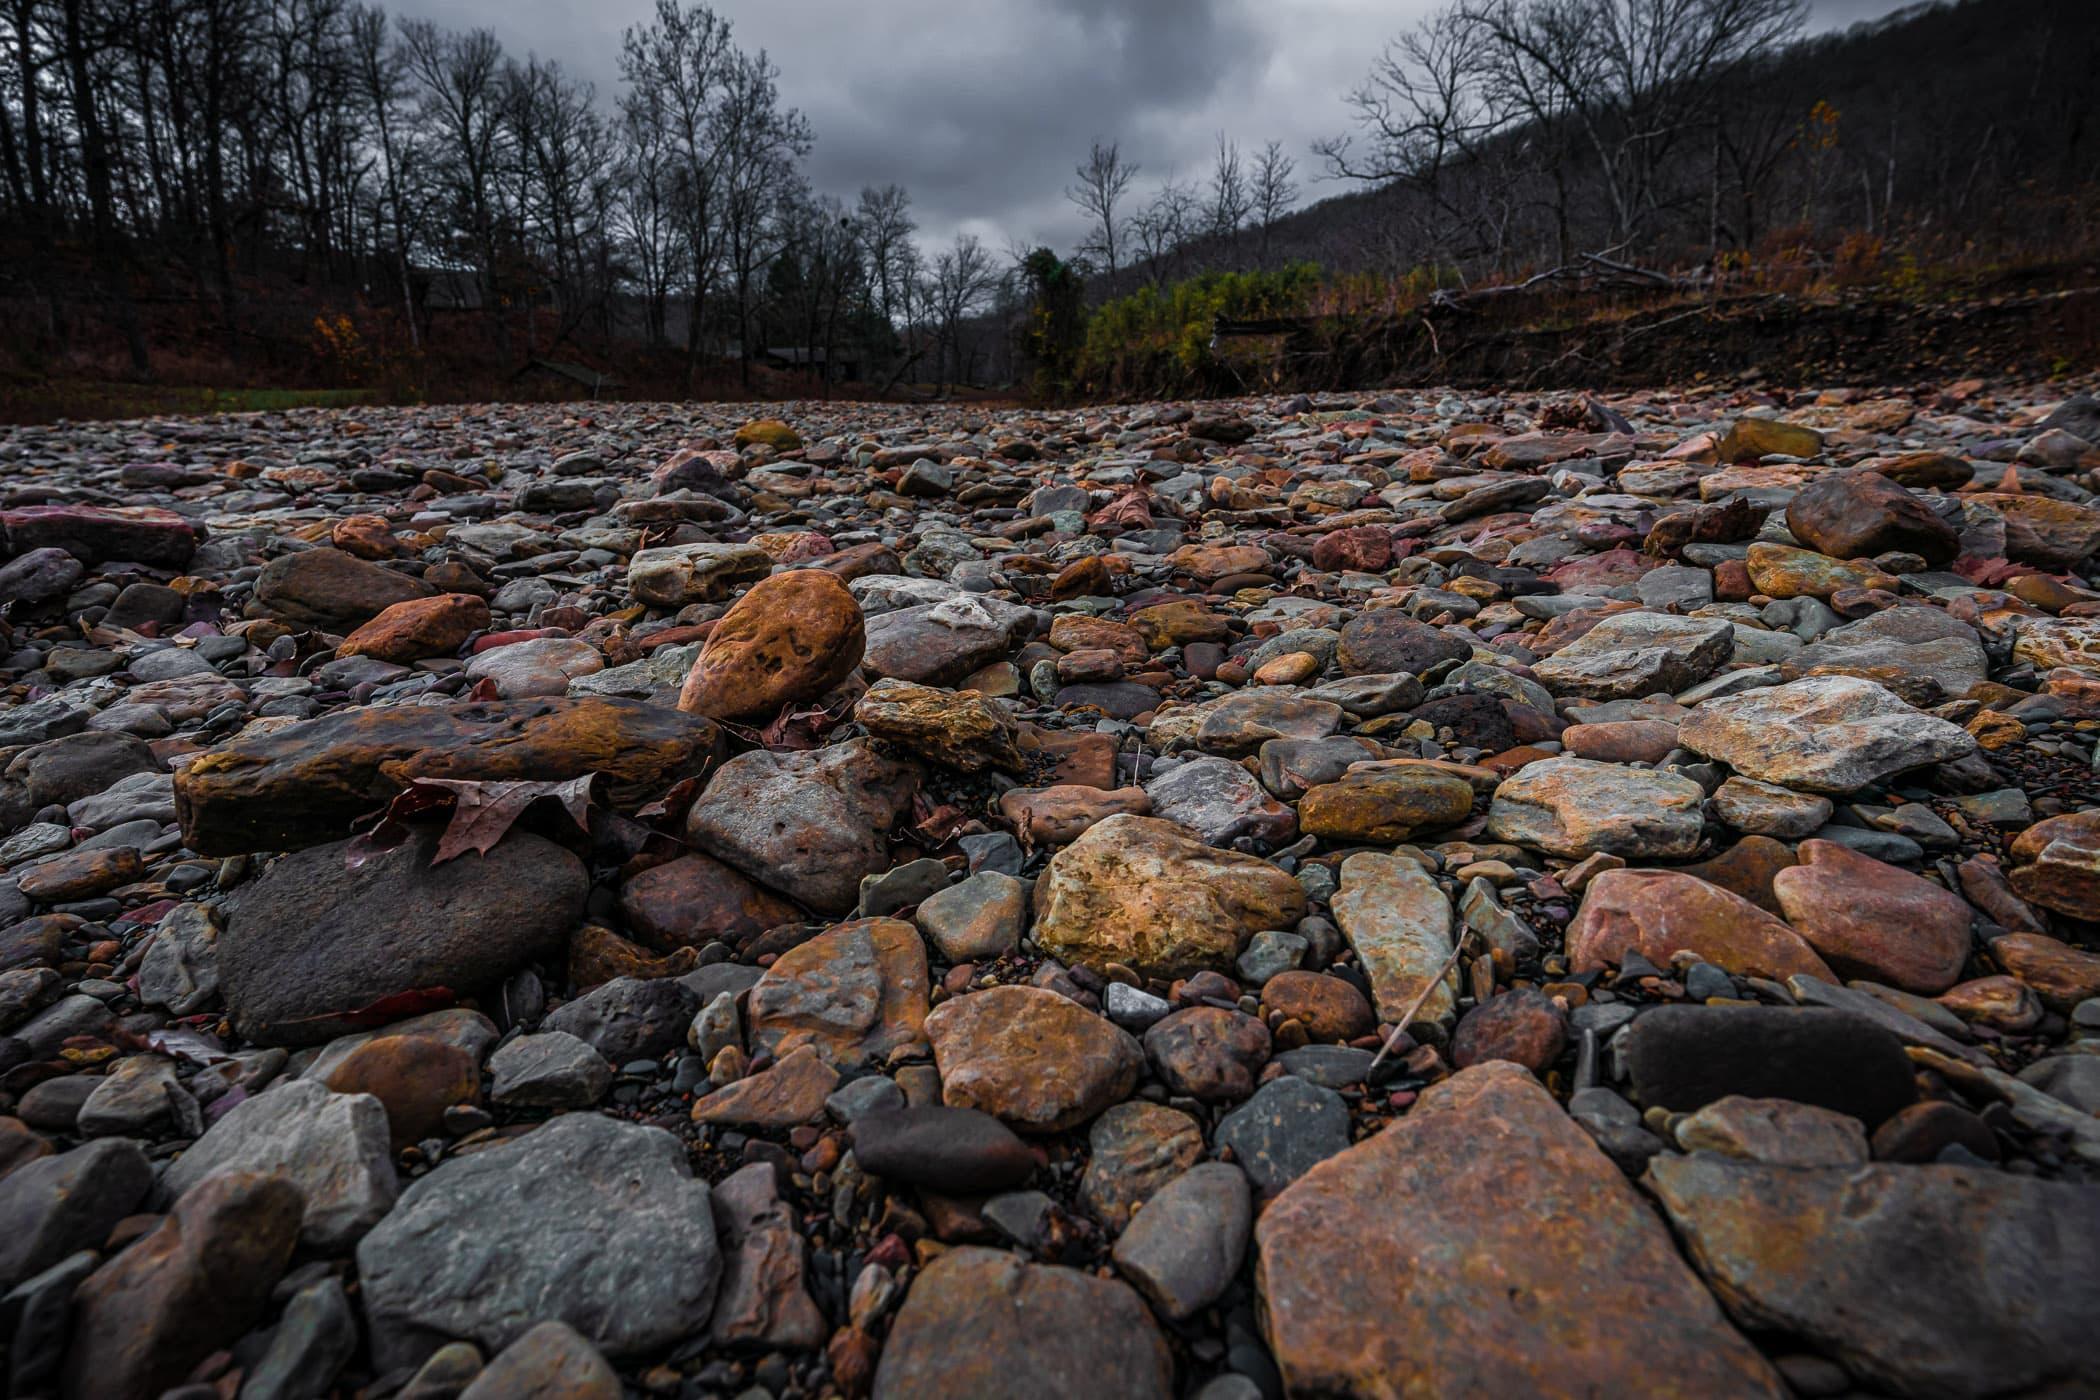 Rocks in a dry riverbed at Arkansas' Devil's Den State Park.